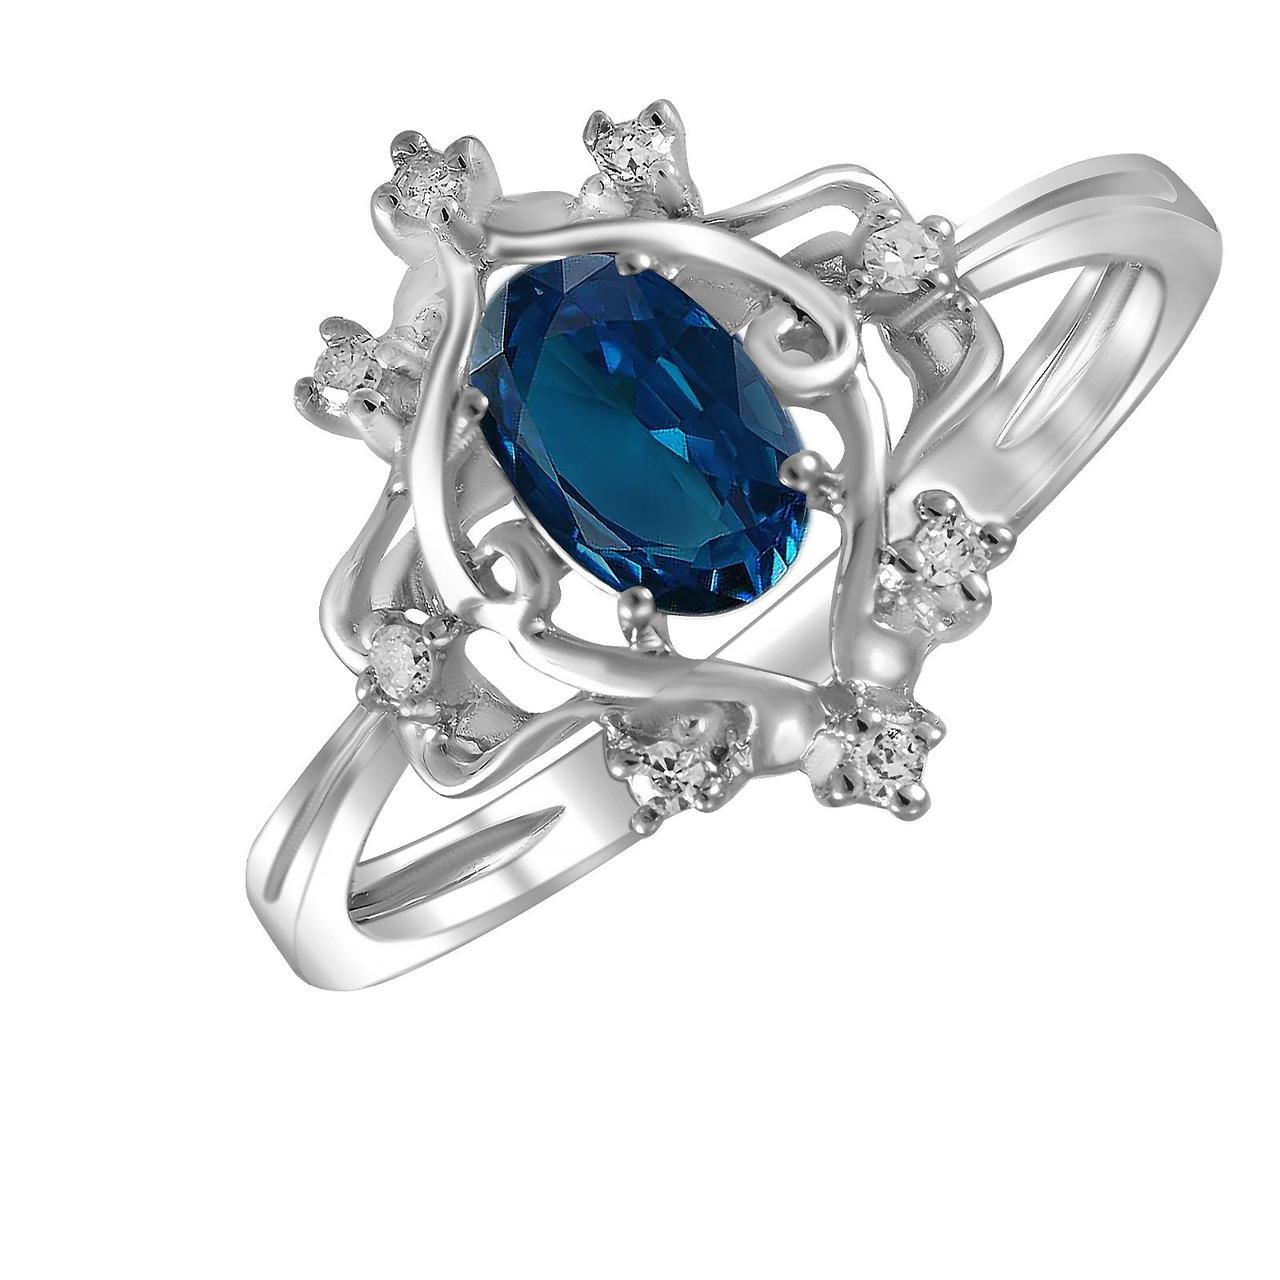 Золотое кольцо с бриллиантами и сапфиром, размер 16 (288494)